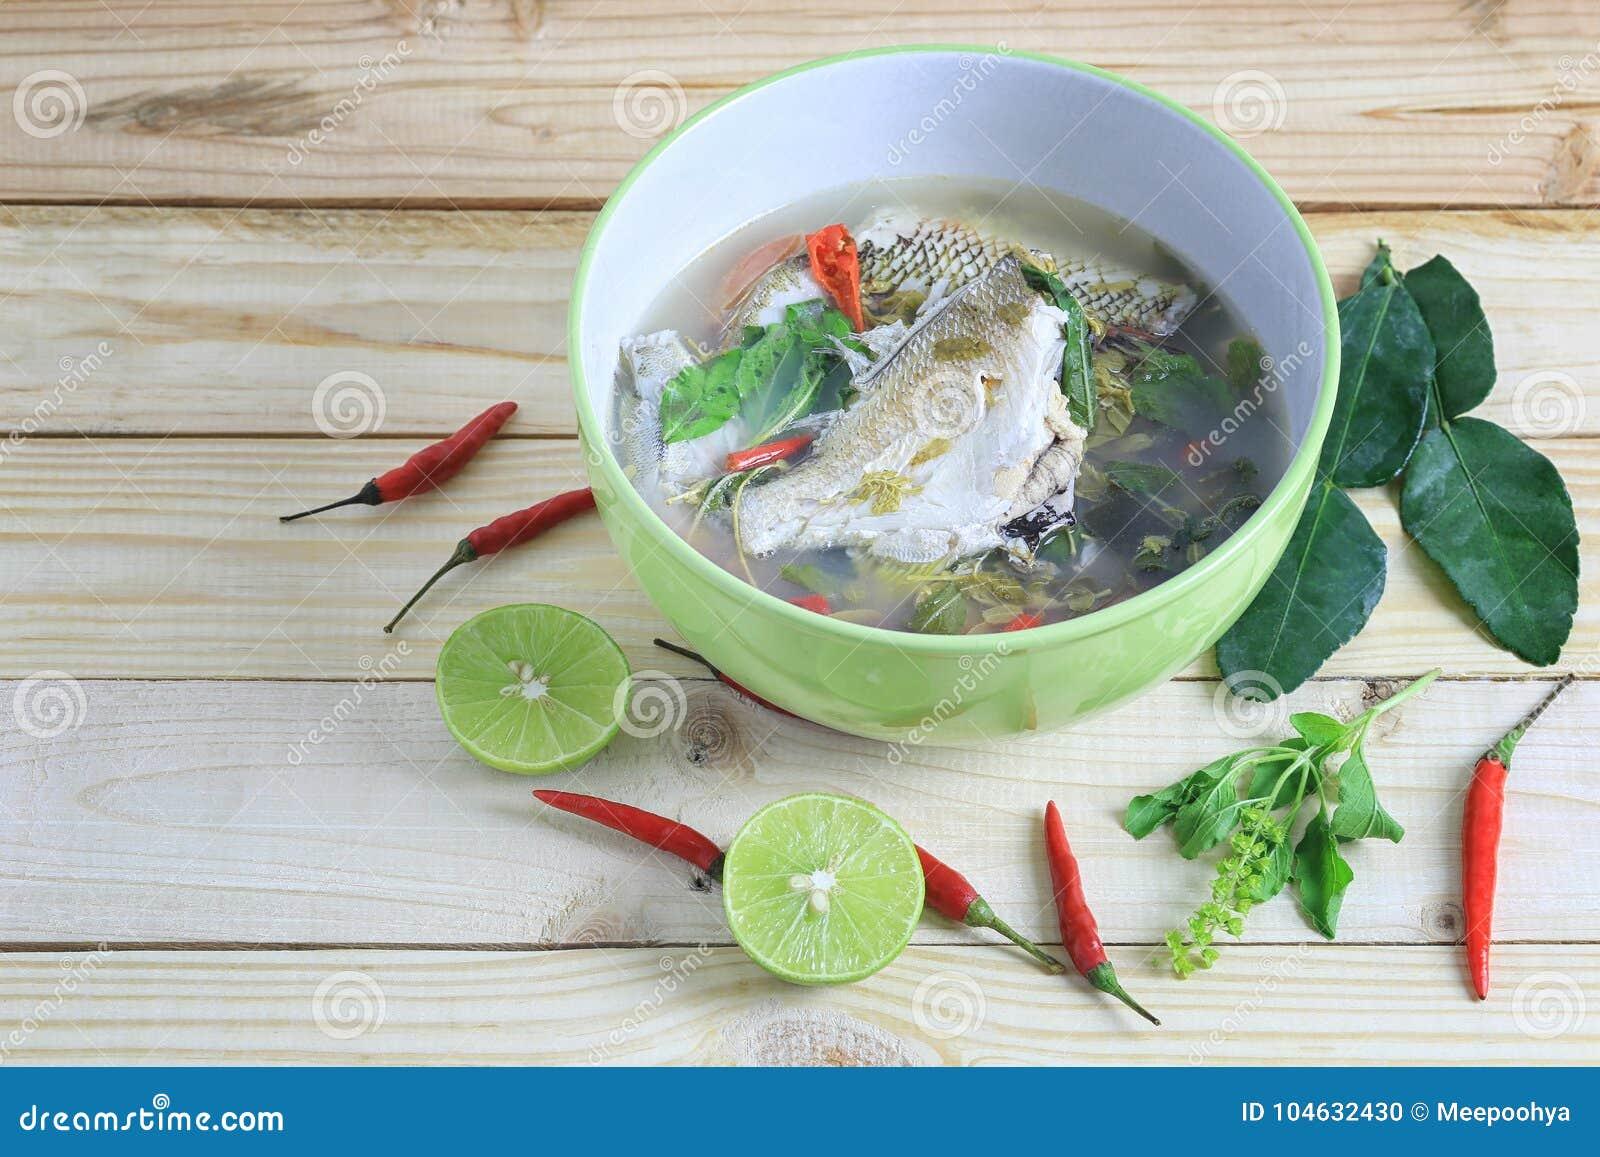 Download Gerresoyena Of Gemeenschappelijke Zilveren-biddy Vissen Van Hete En Zure Soep Stock Foto - Afbeelding bestaande uit zoet, diner: 104632430